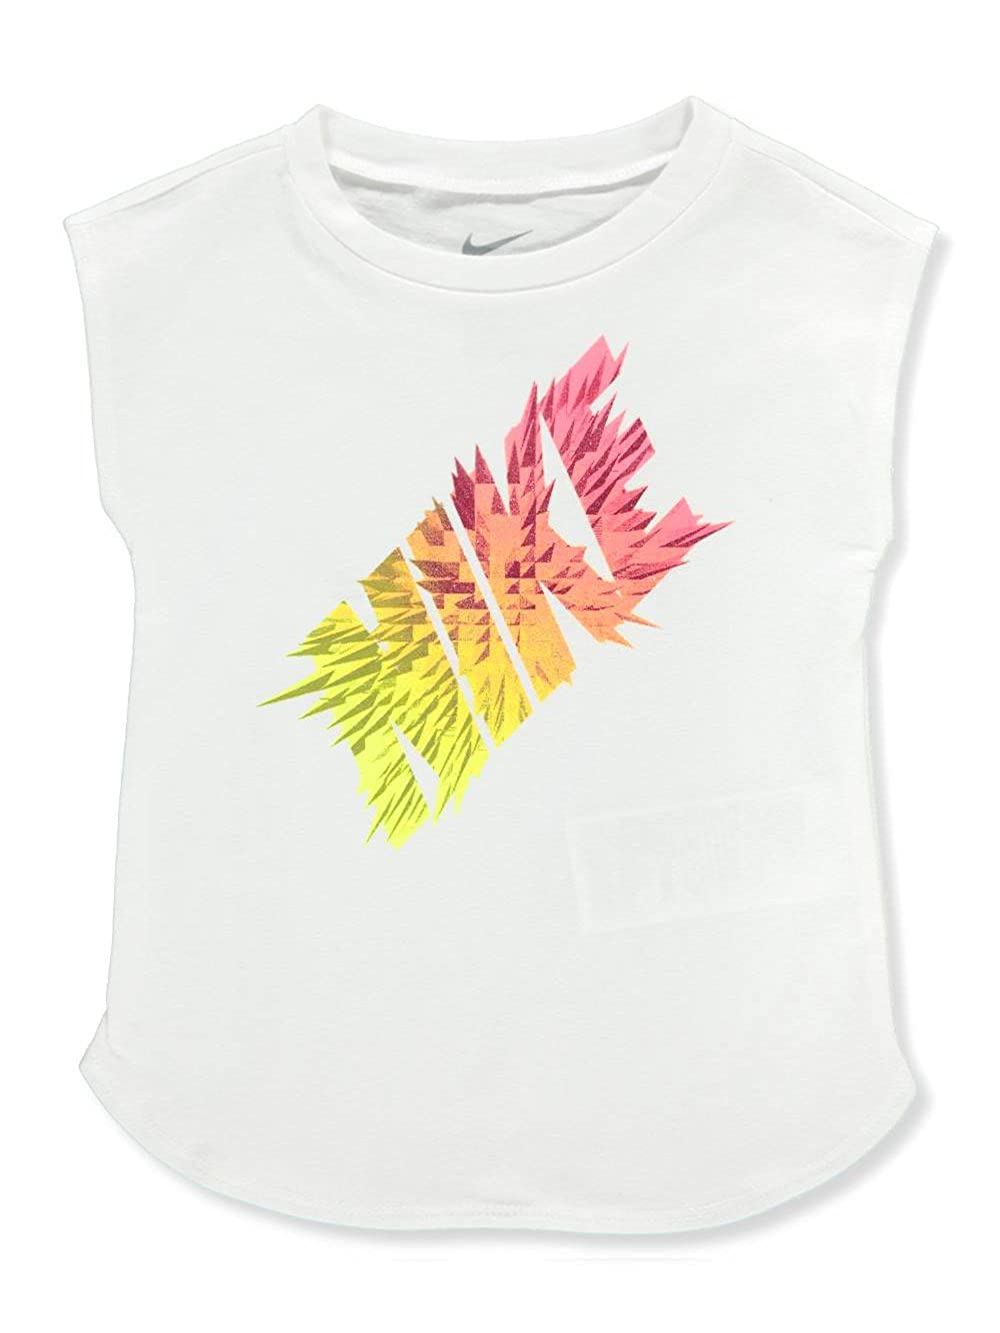 458133e2c Amazon.com: Nike Baby Girls' Sleeveless T-Shirt - White, 12 Months: Clothing